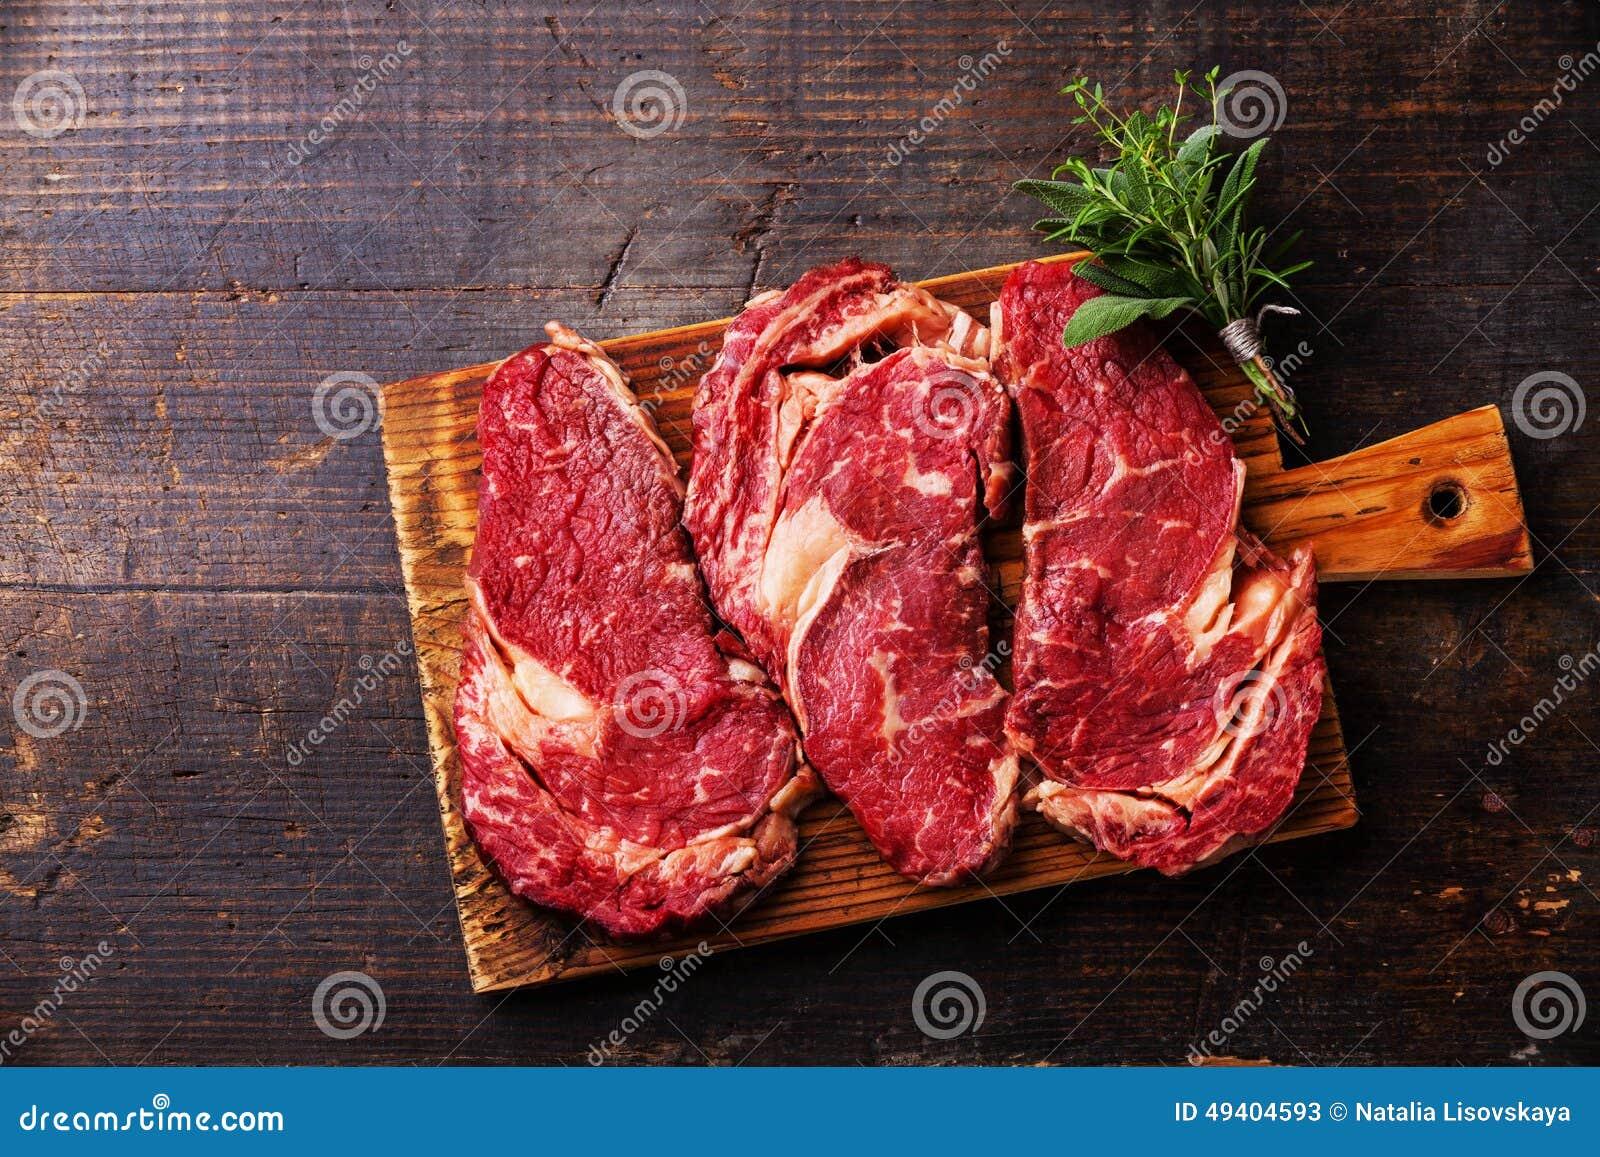 Download Rohes Fleisch Ribeye-Steakmittelrippe Vom Rind Stockbild - Bild von rosmarin, steak: 49404593